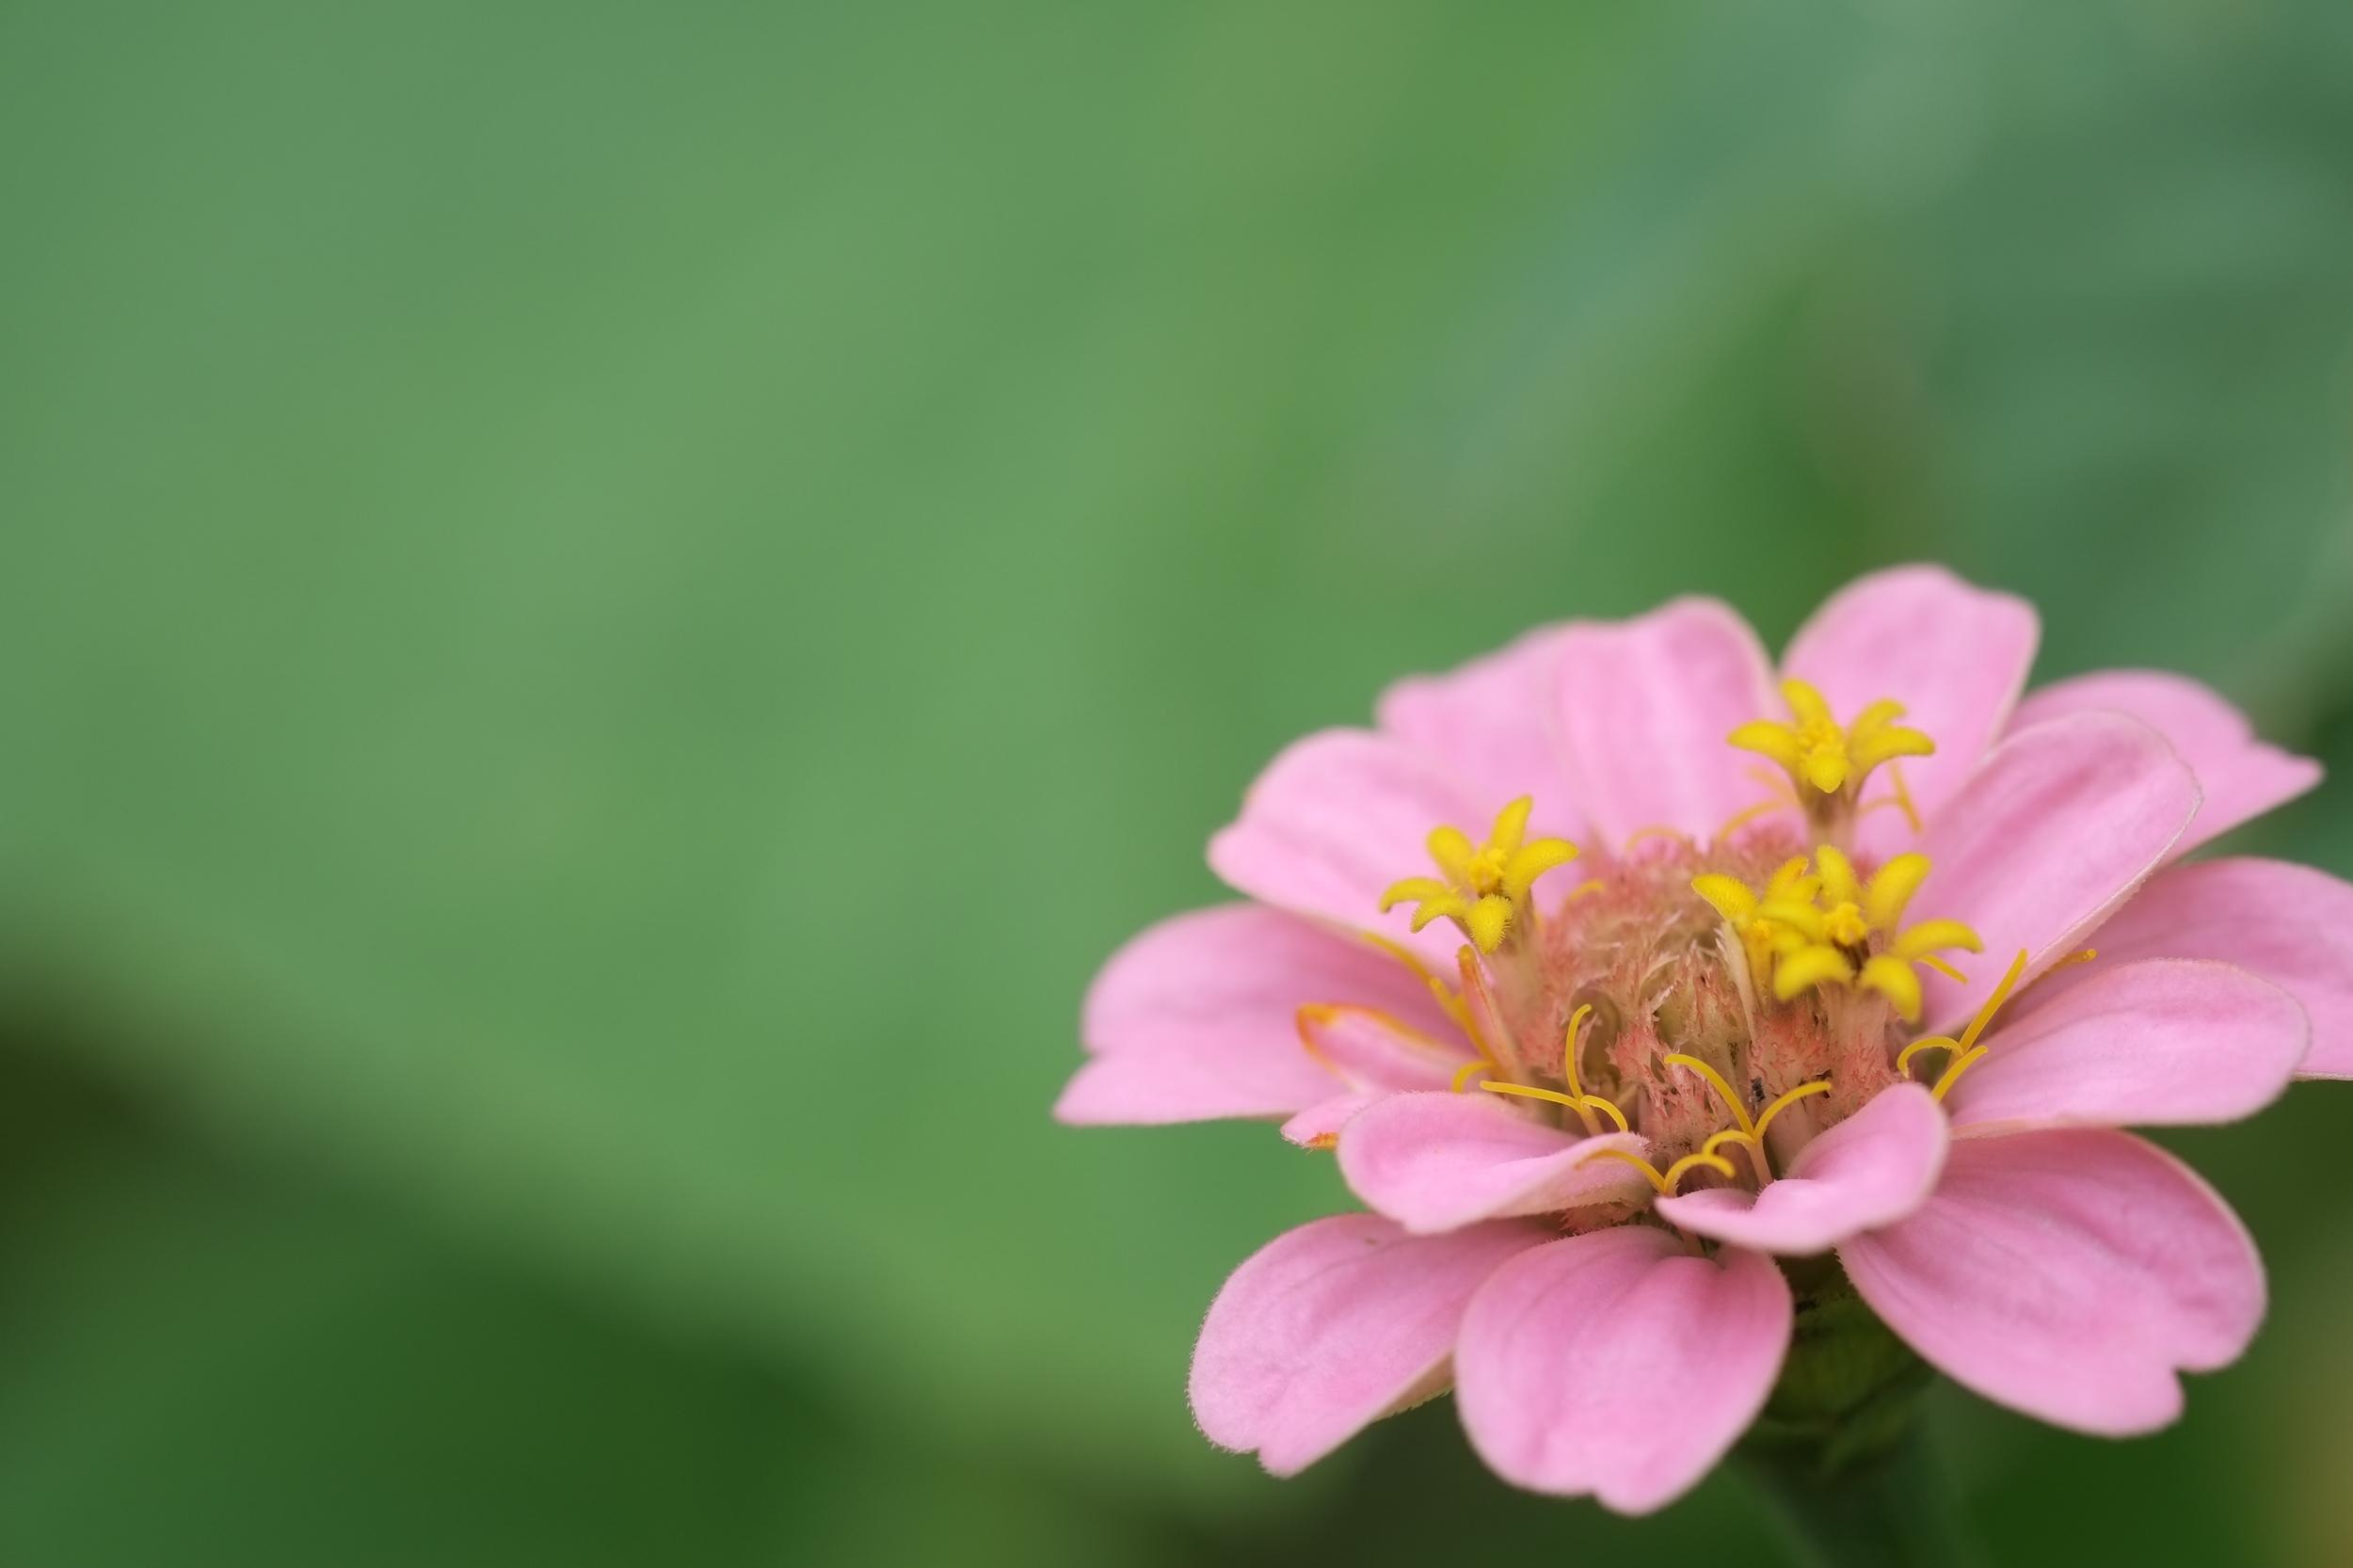 DSCF6526 - pink flower 3 small.JPG